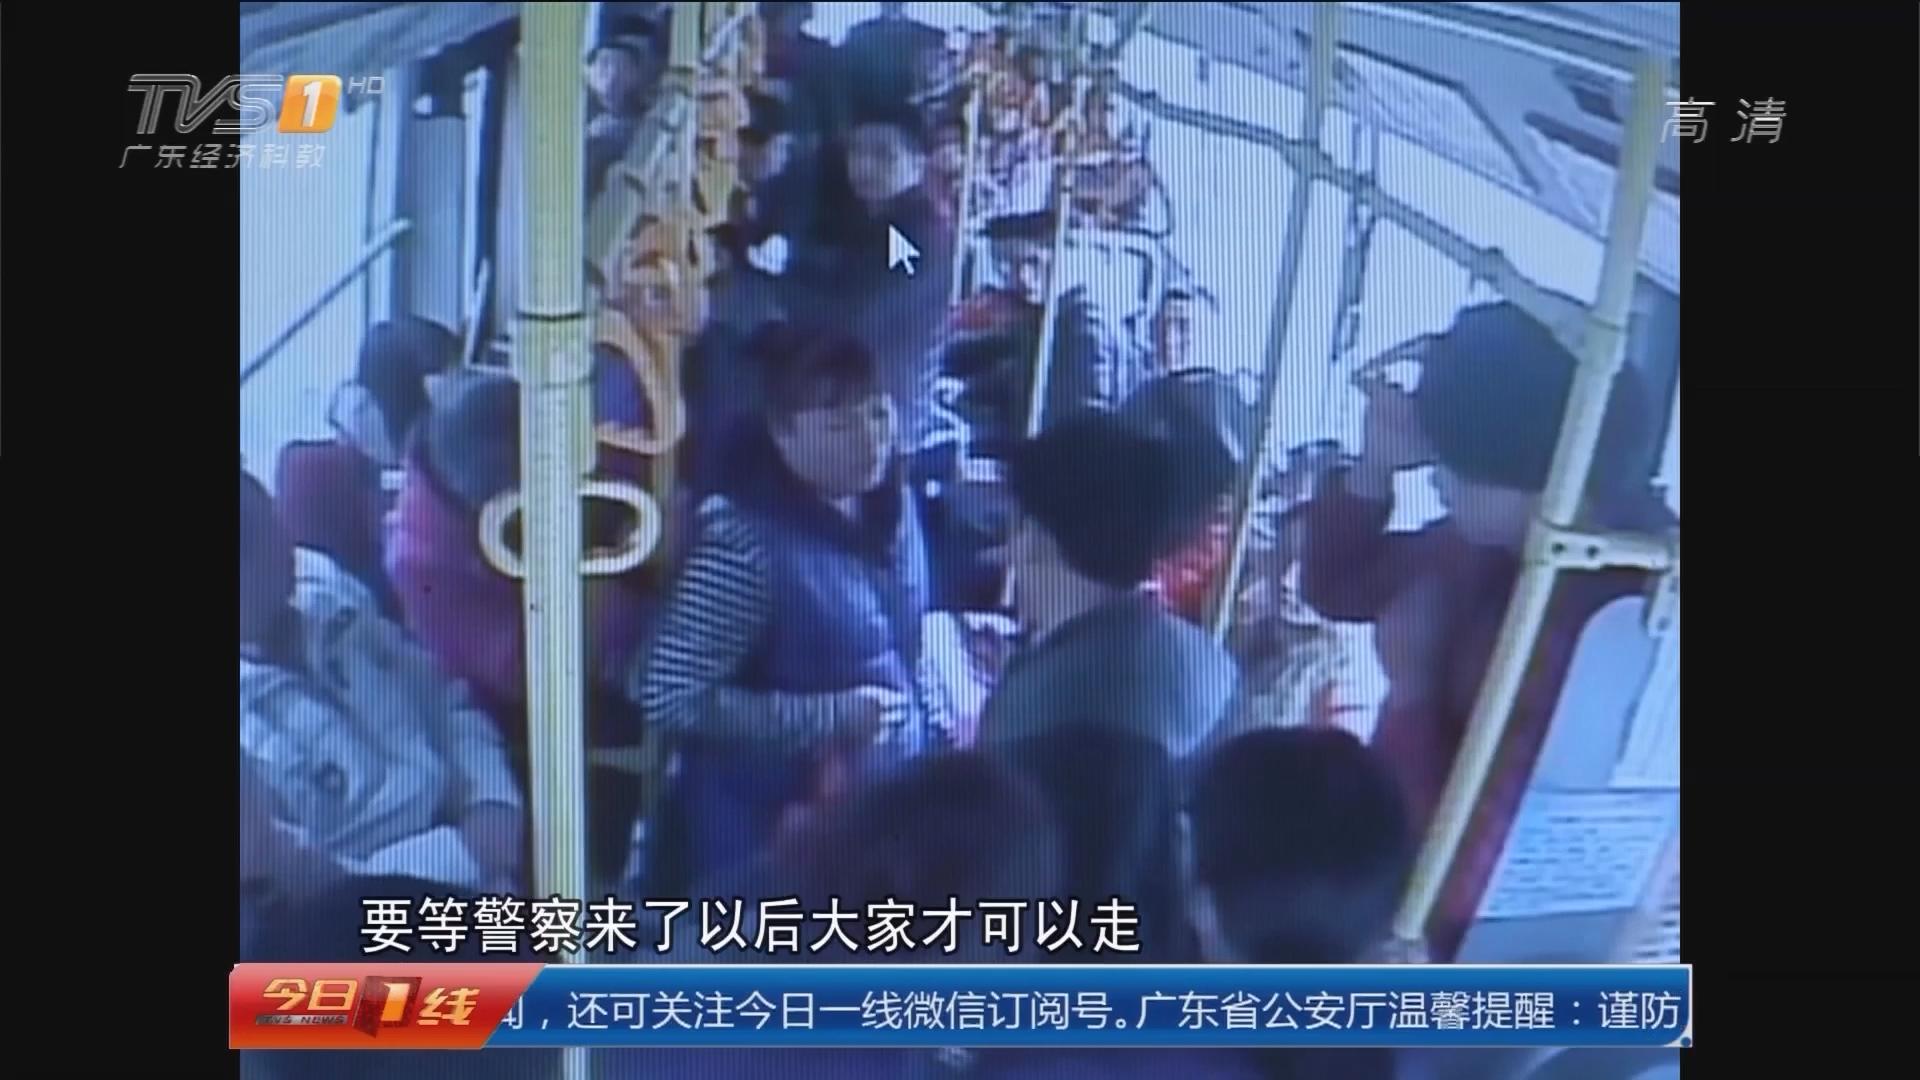 """系列专栏""""温度"""":佛山禅城 扒手公交车上行窃 遭乘客合围"""